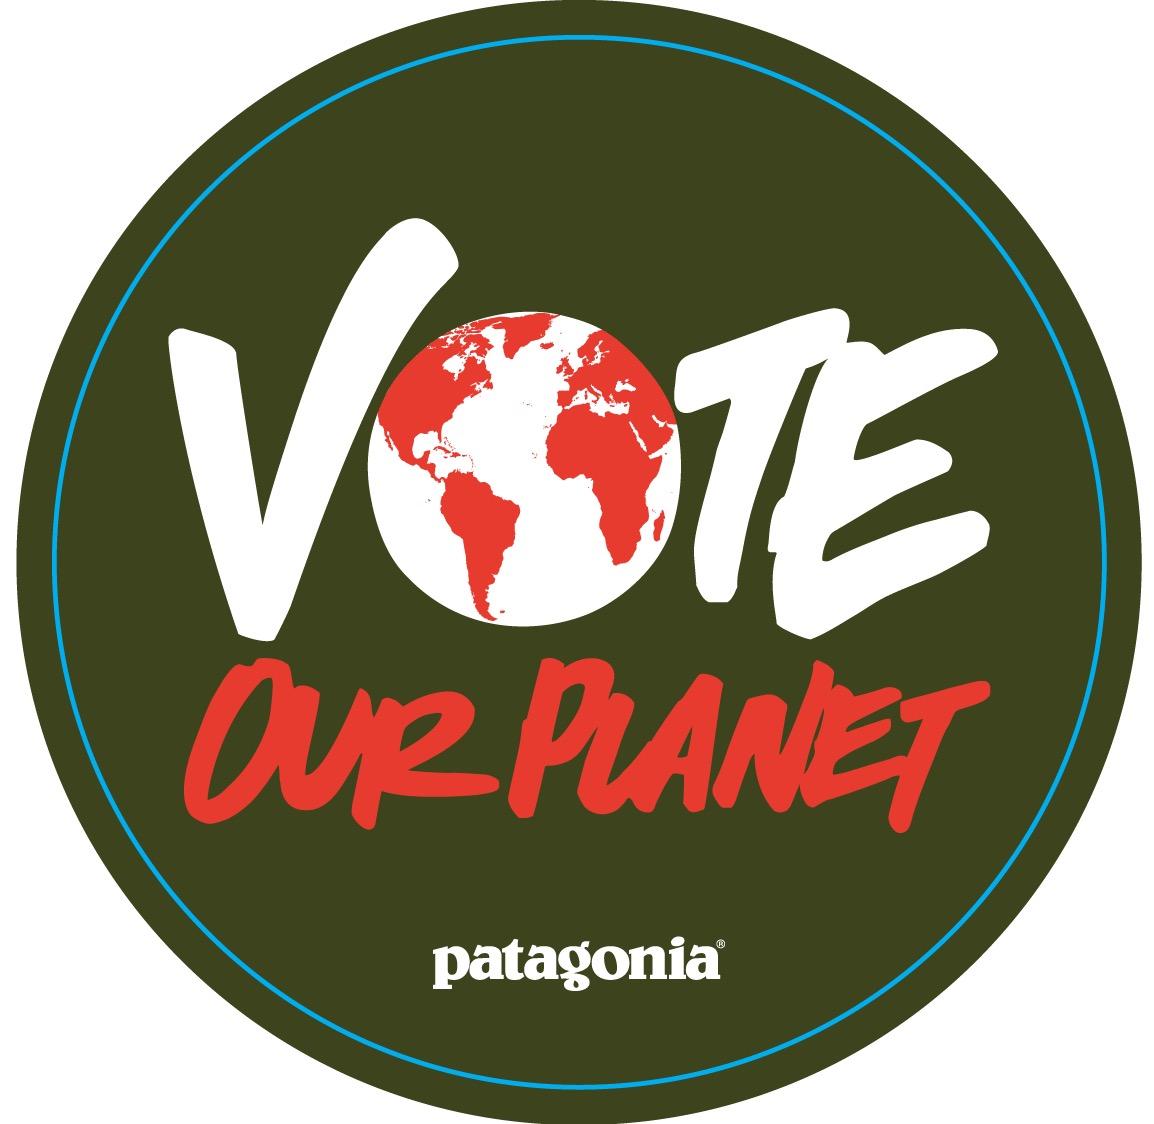 パタゴニアが参院選投票日にあわせ全店の休業を決定 環境保全のために ...